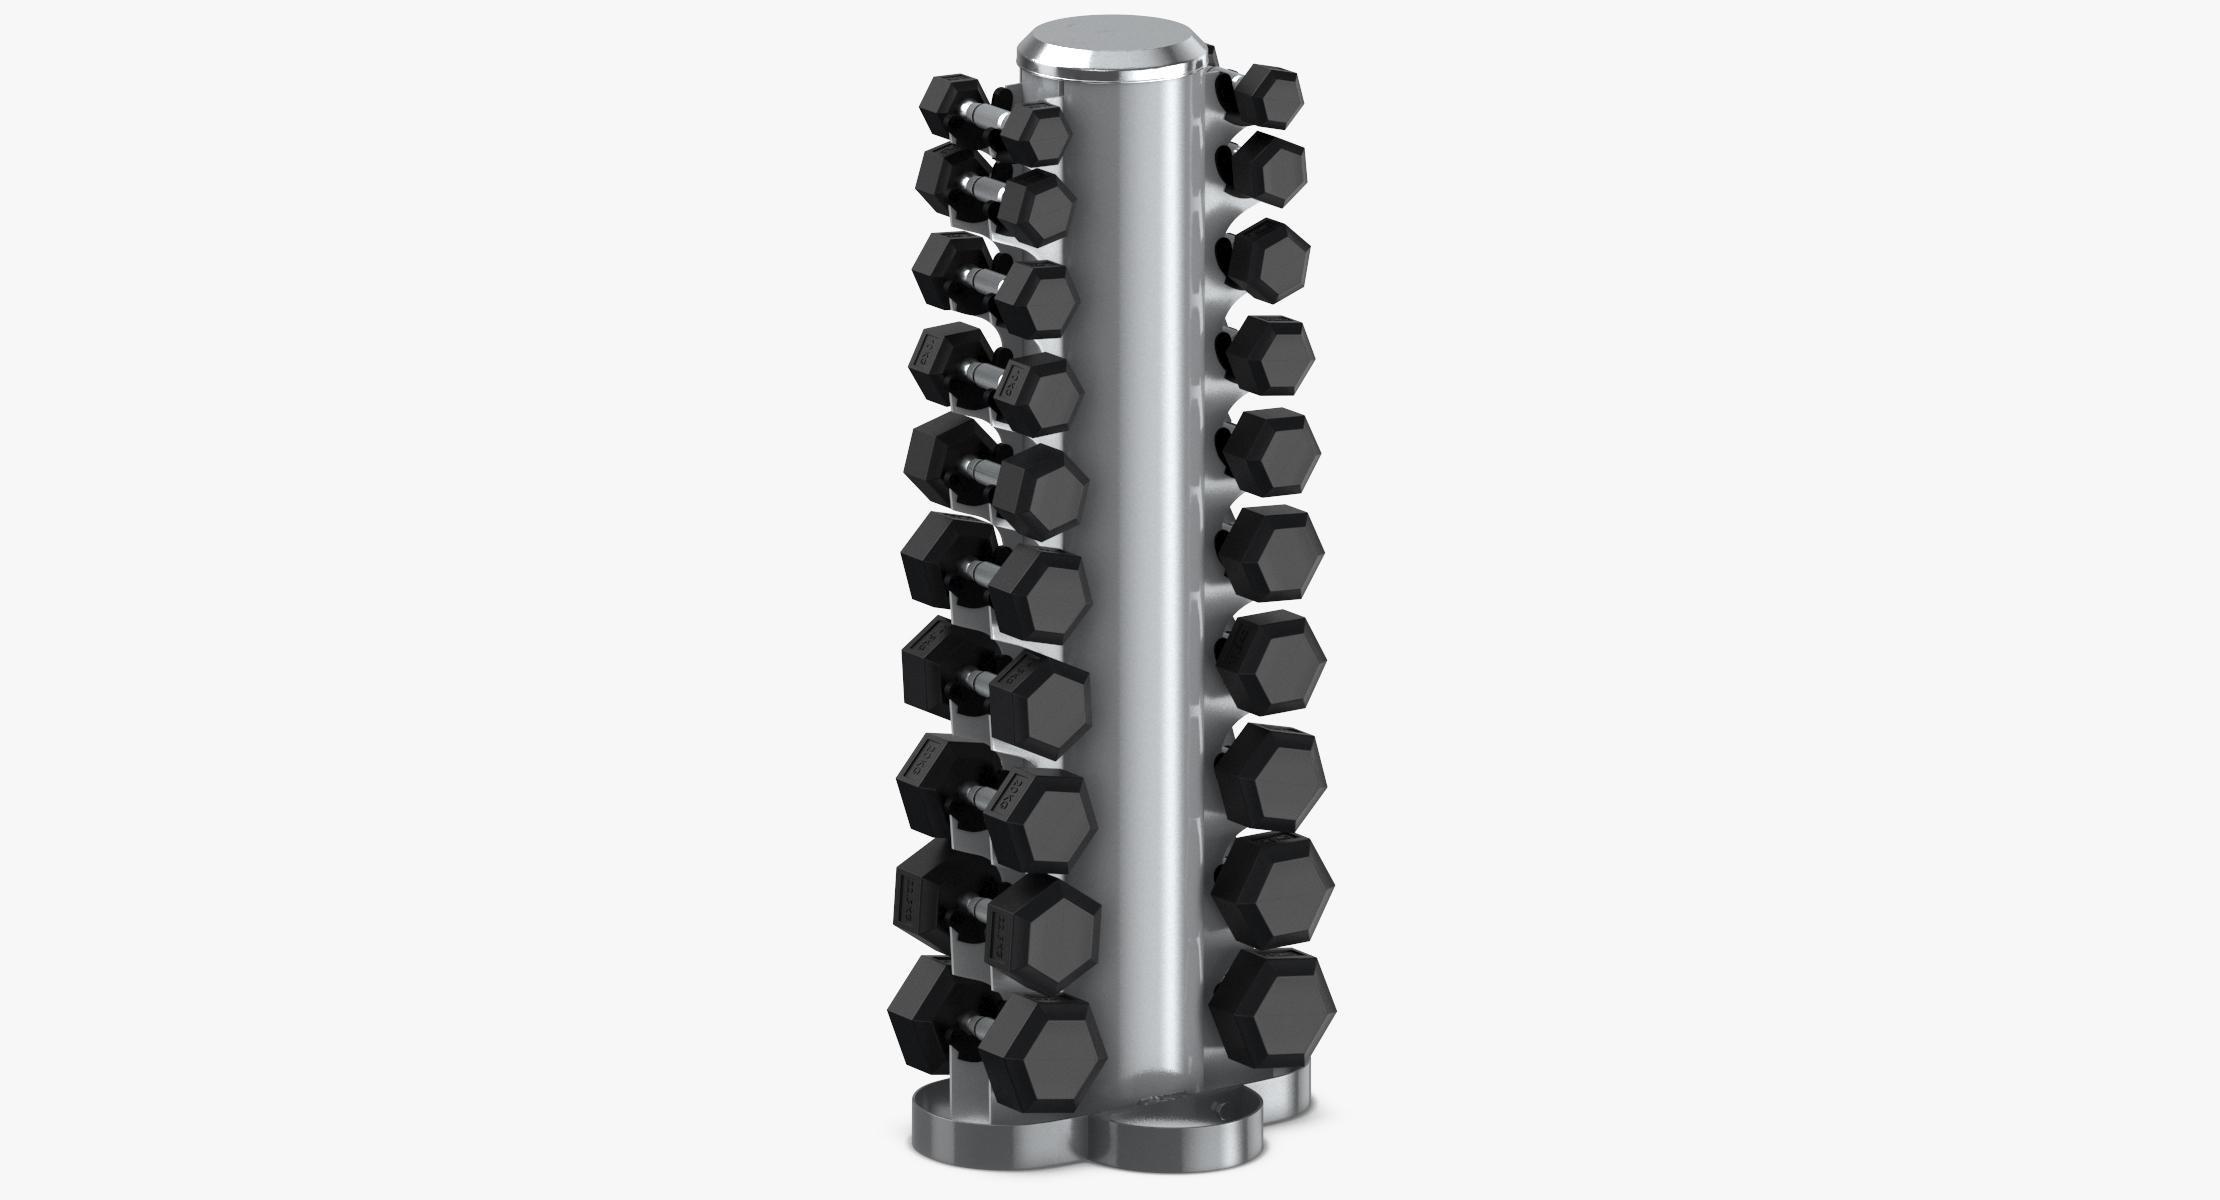 Dumbbell Rack 02 - reel 1